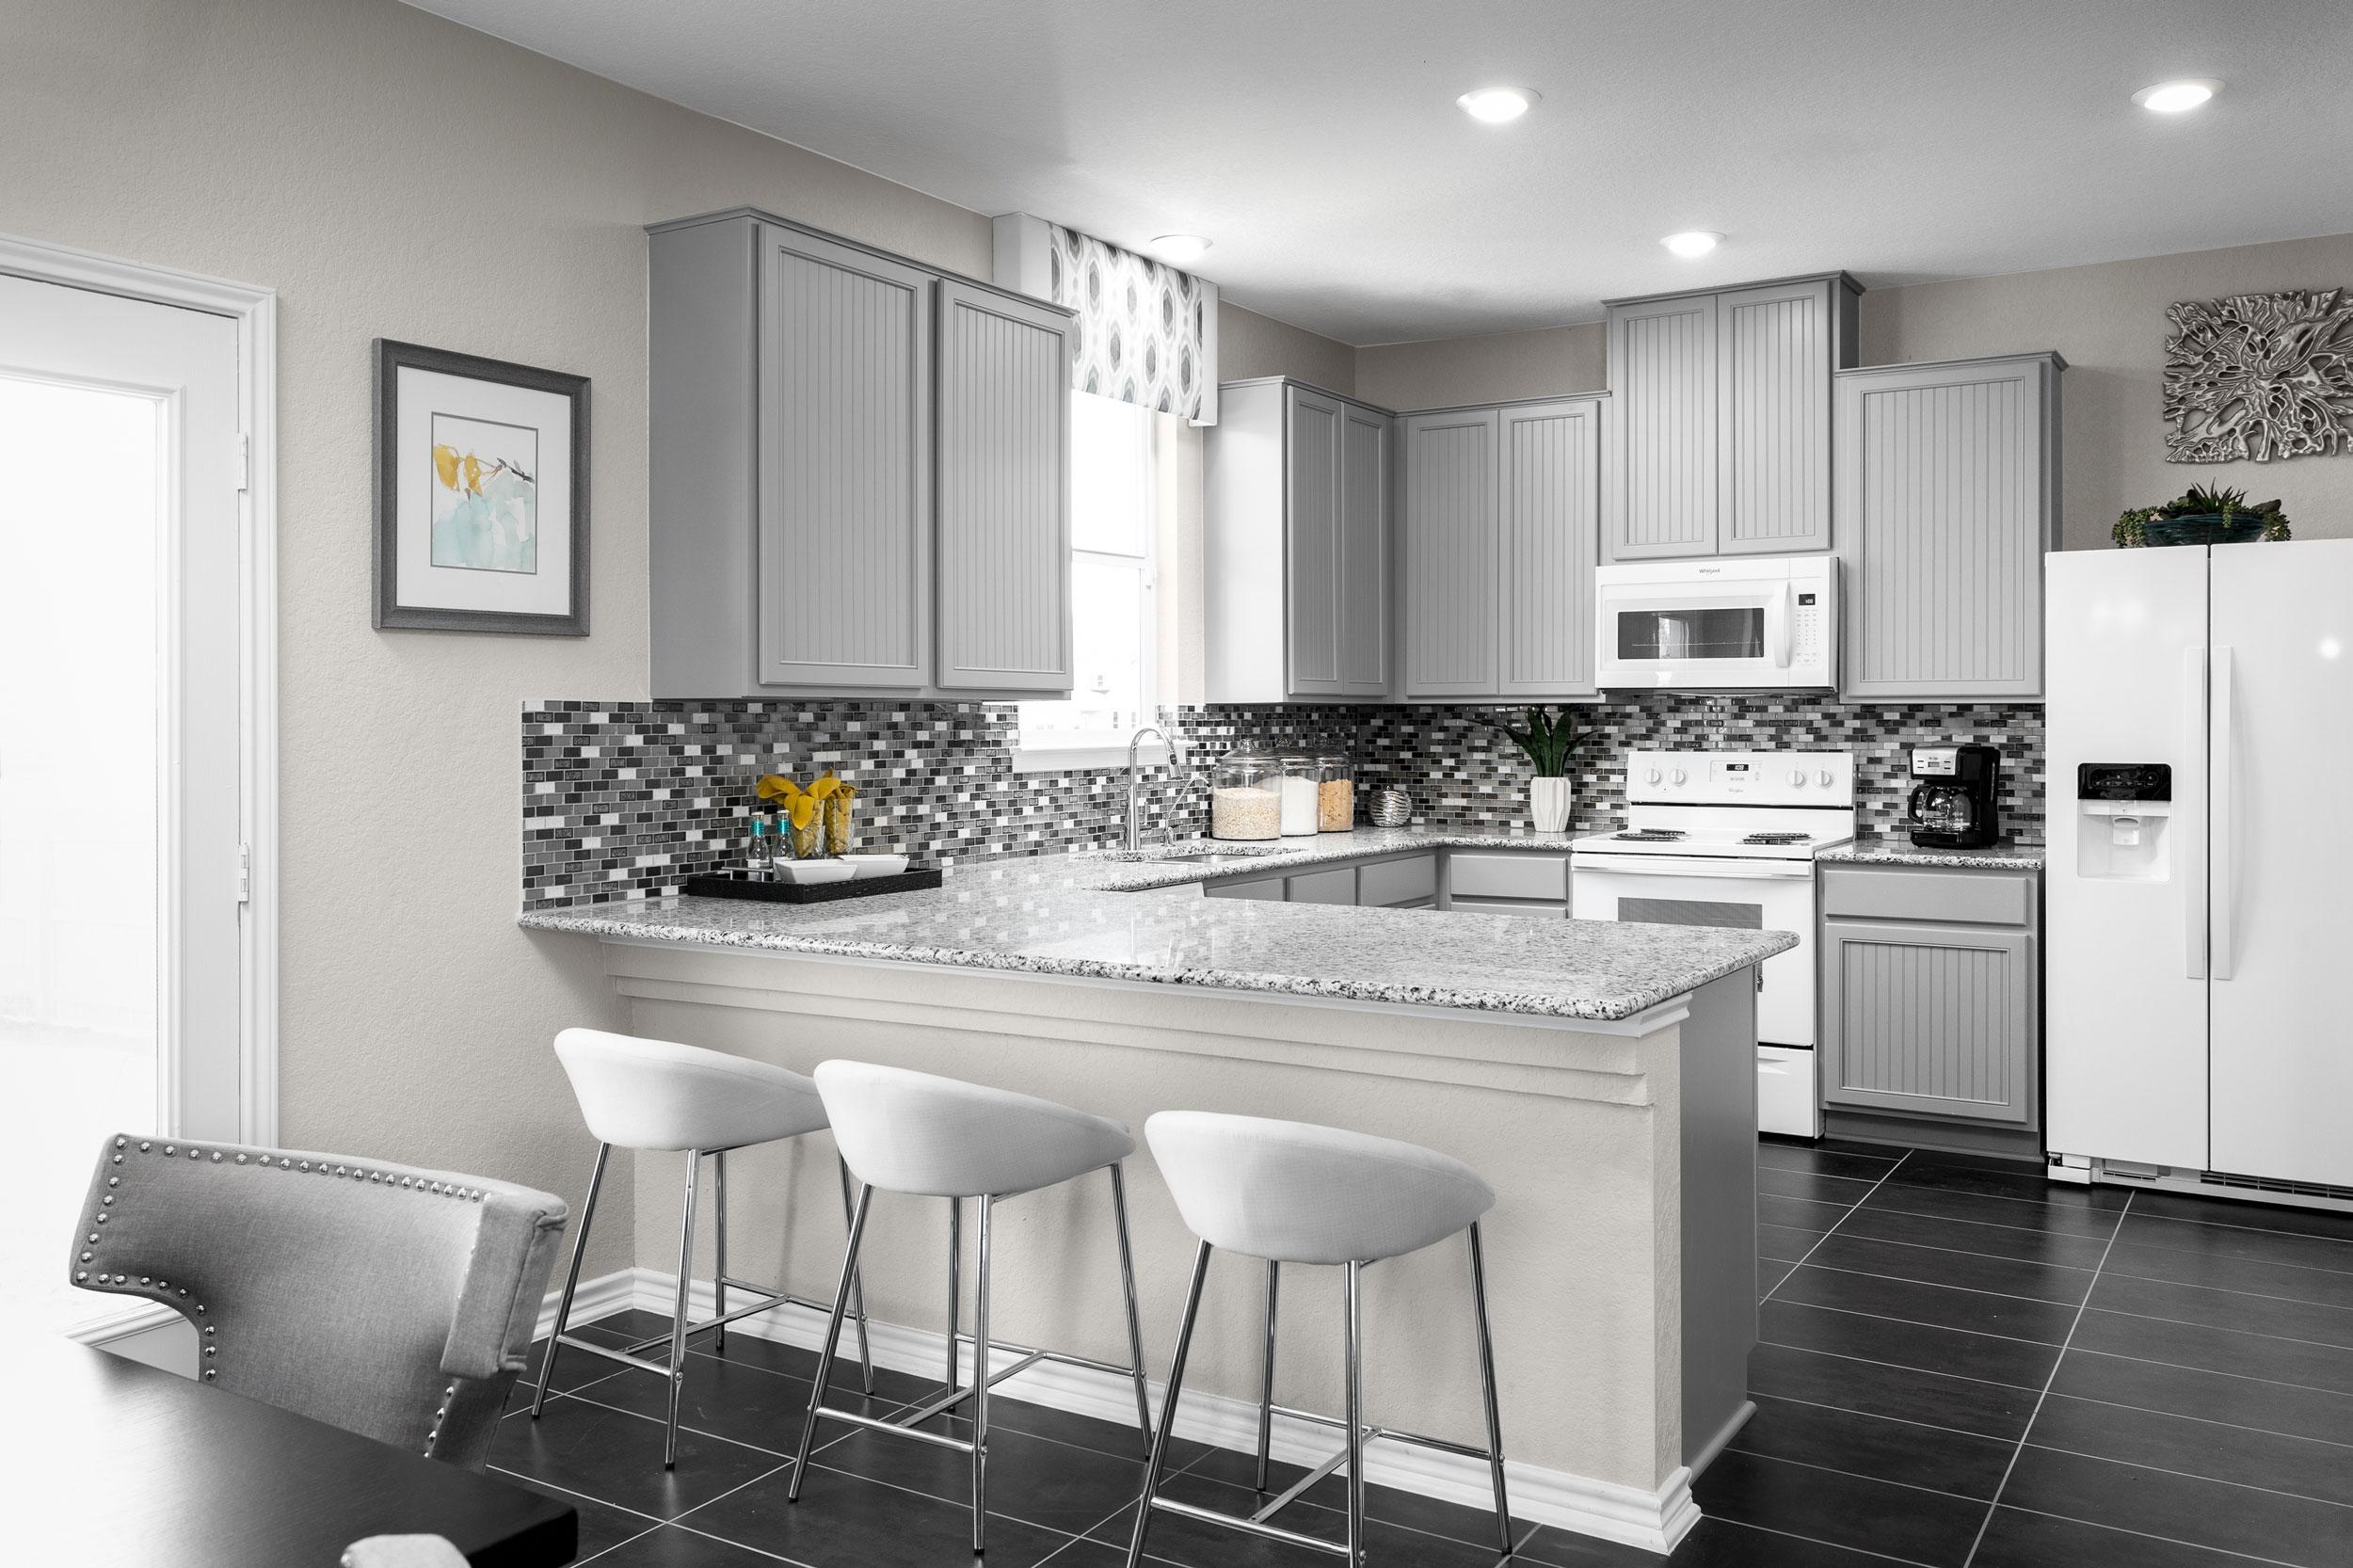 kitchen-design-gray-cabinets.jpg